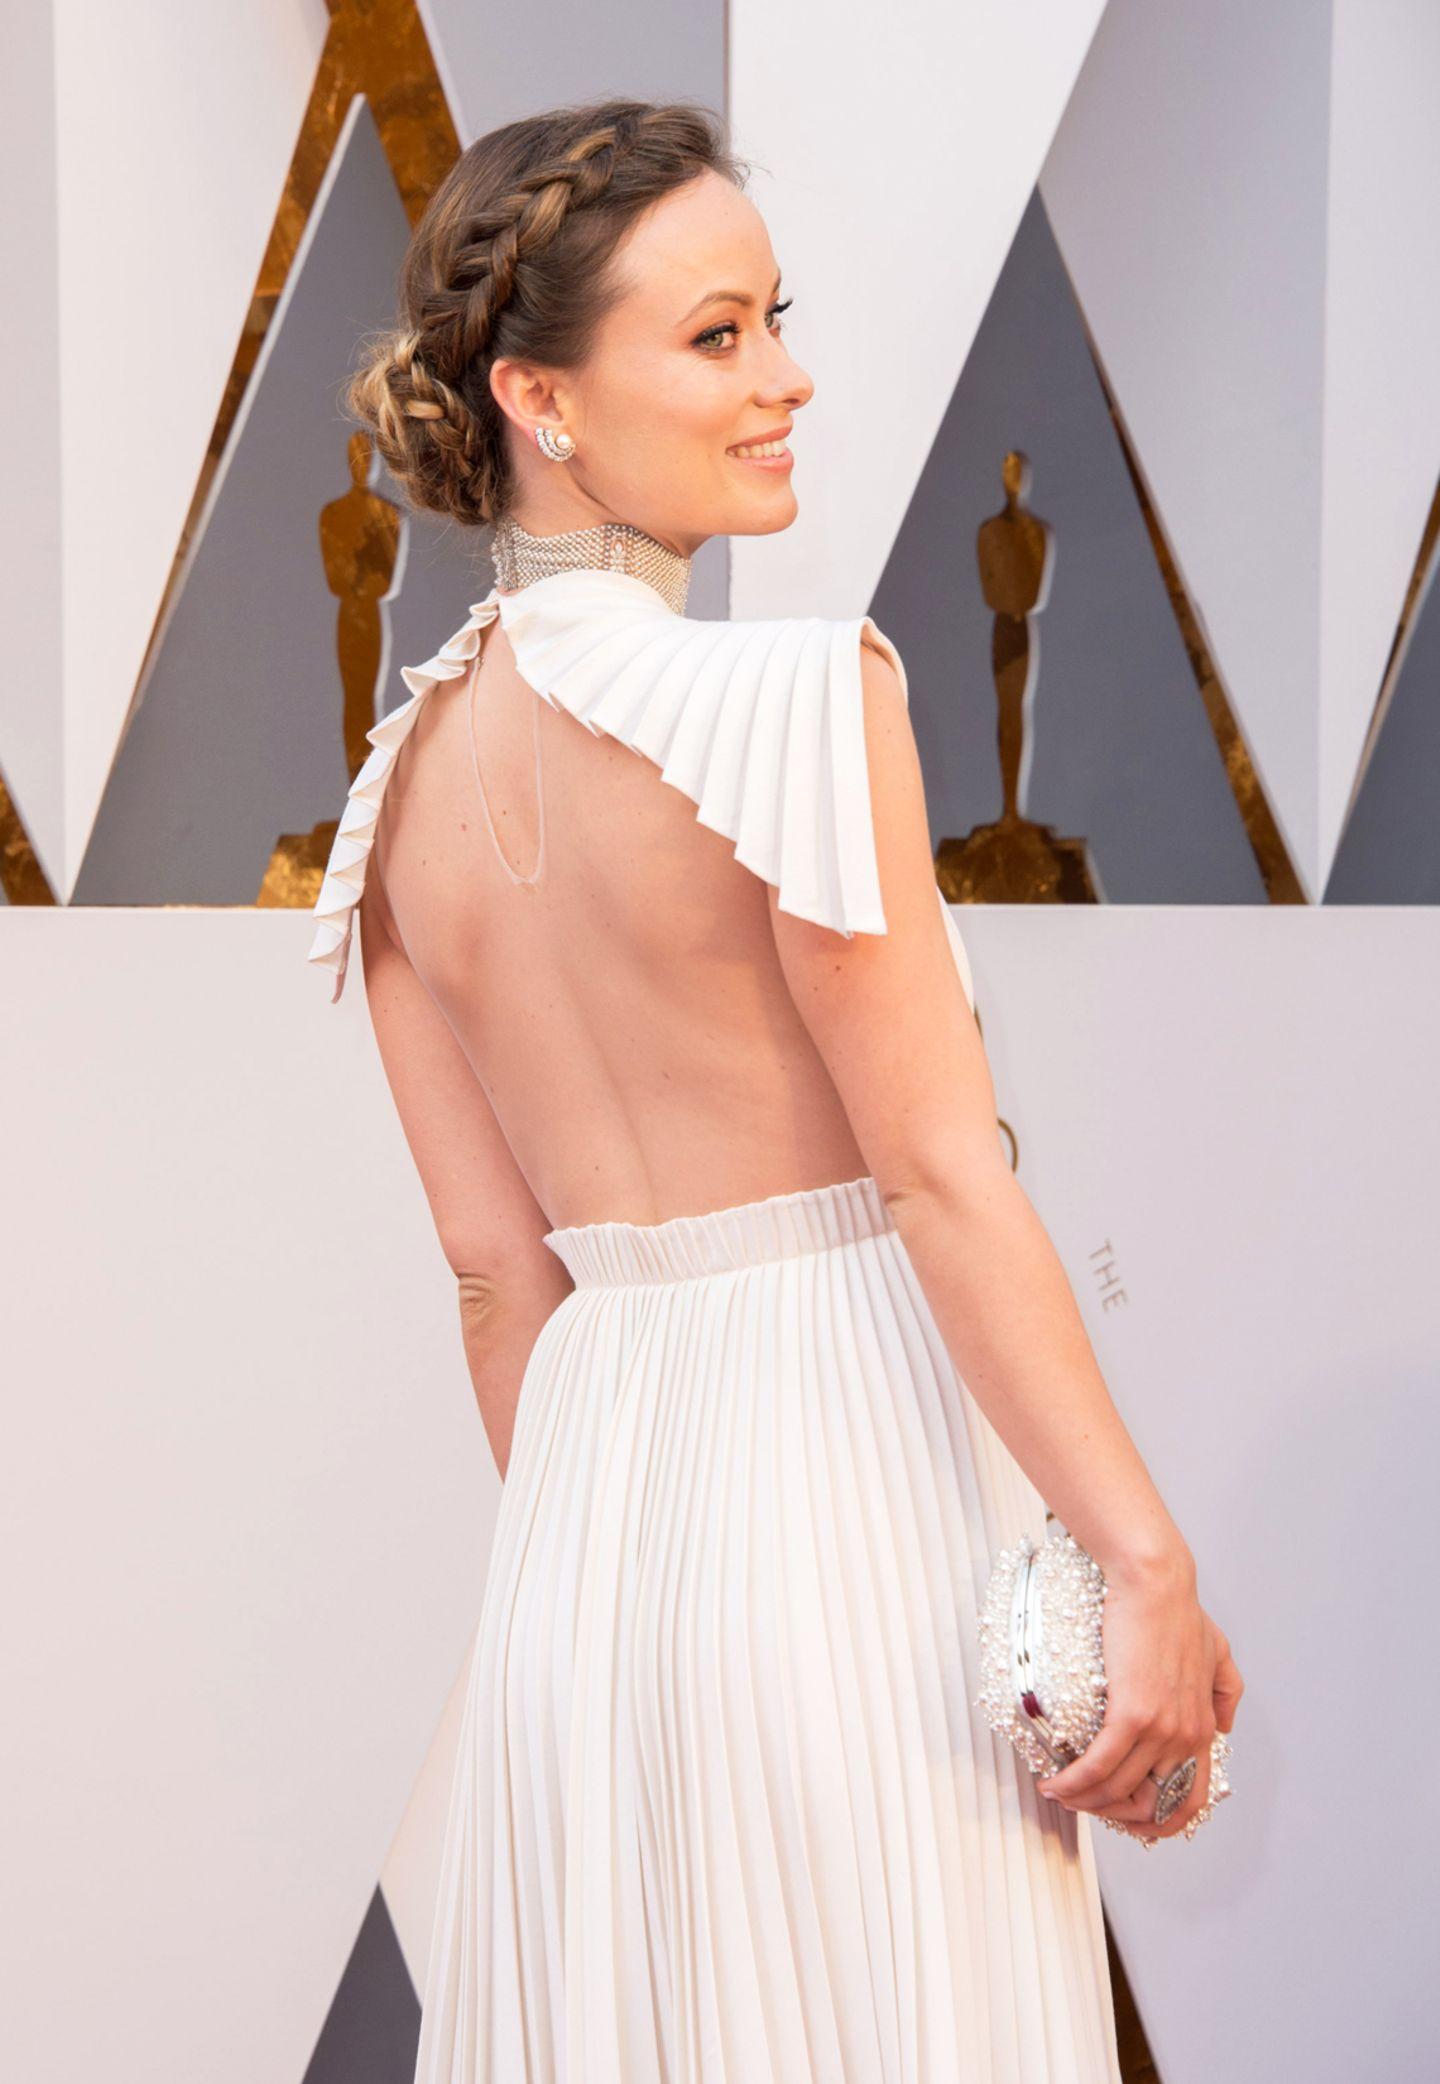 Die Valentino Haute Couture Robe von Olivia Wilde überzeugt nicht nur mit einem tollen Ausschnitt, sondern auch einem ganz besonders raffiniertem Rückenteil.